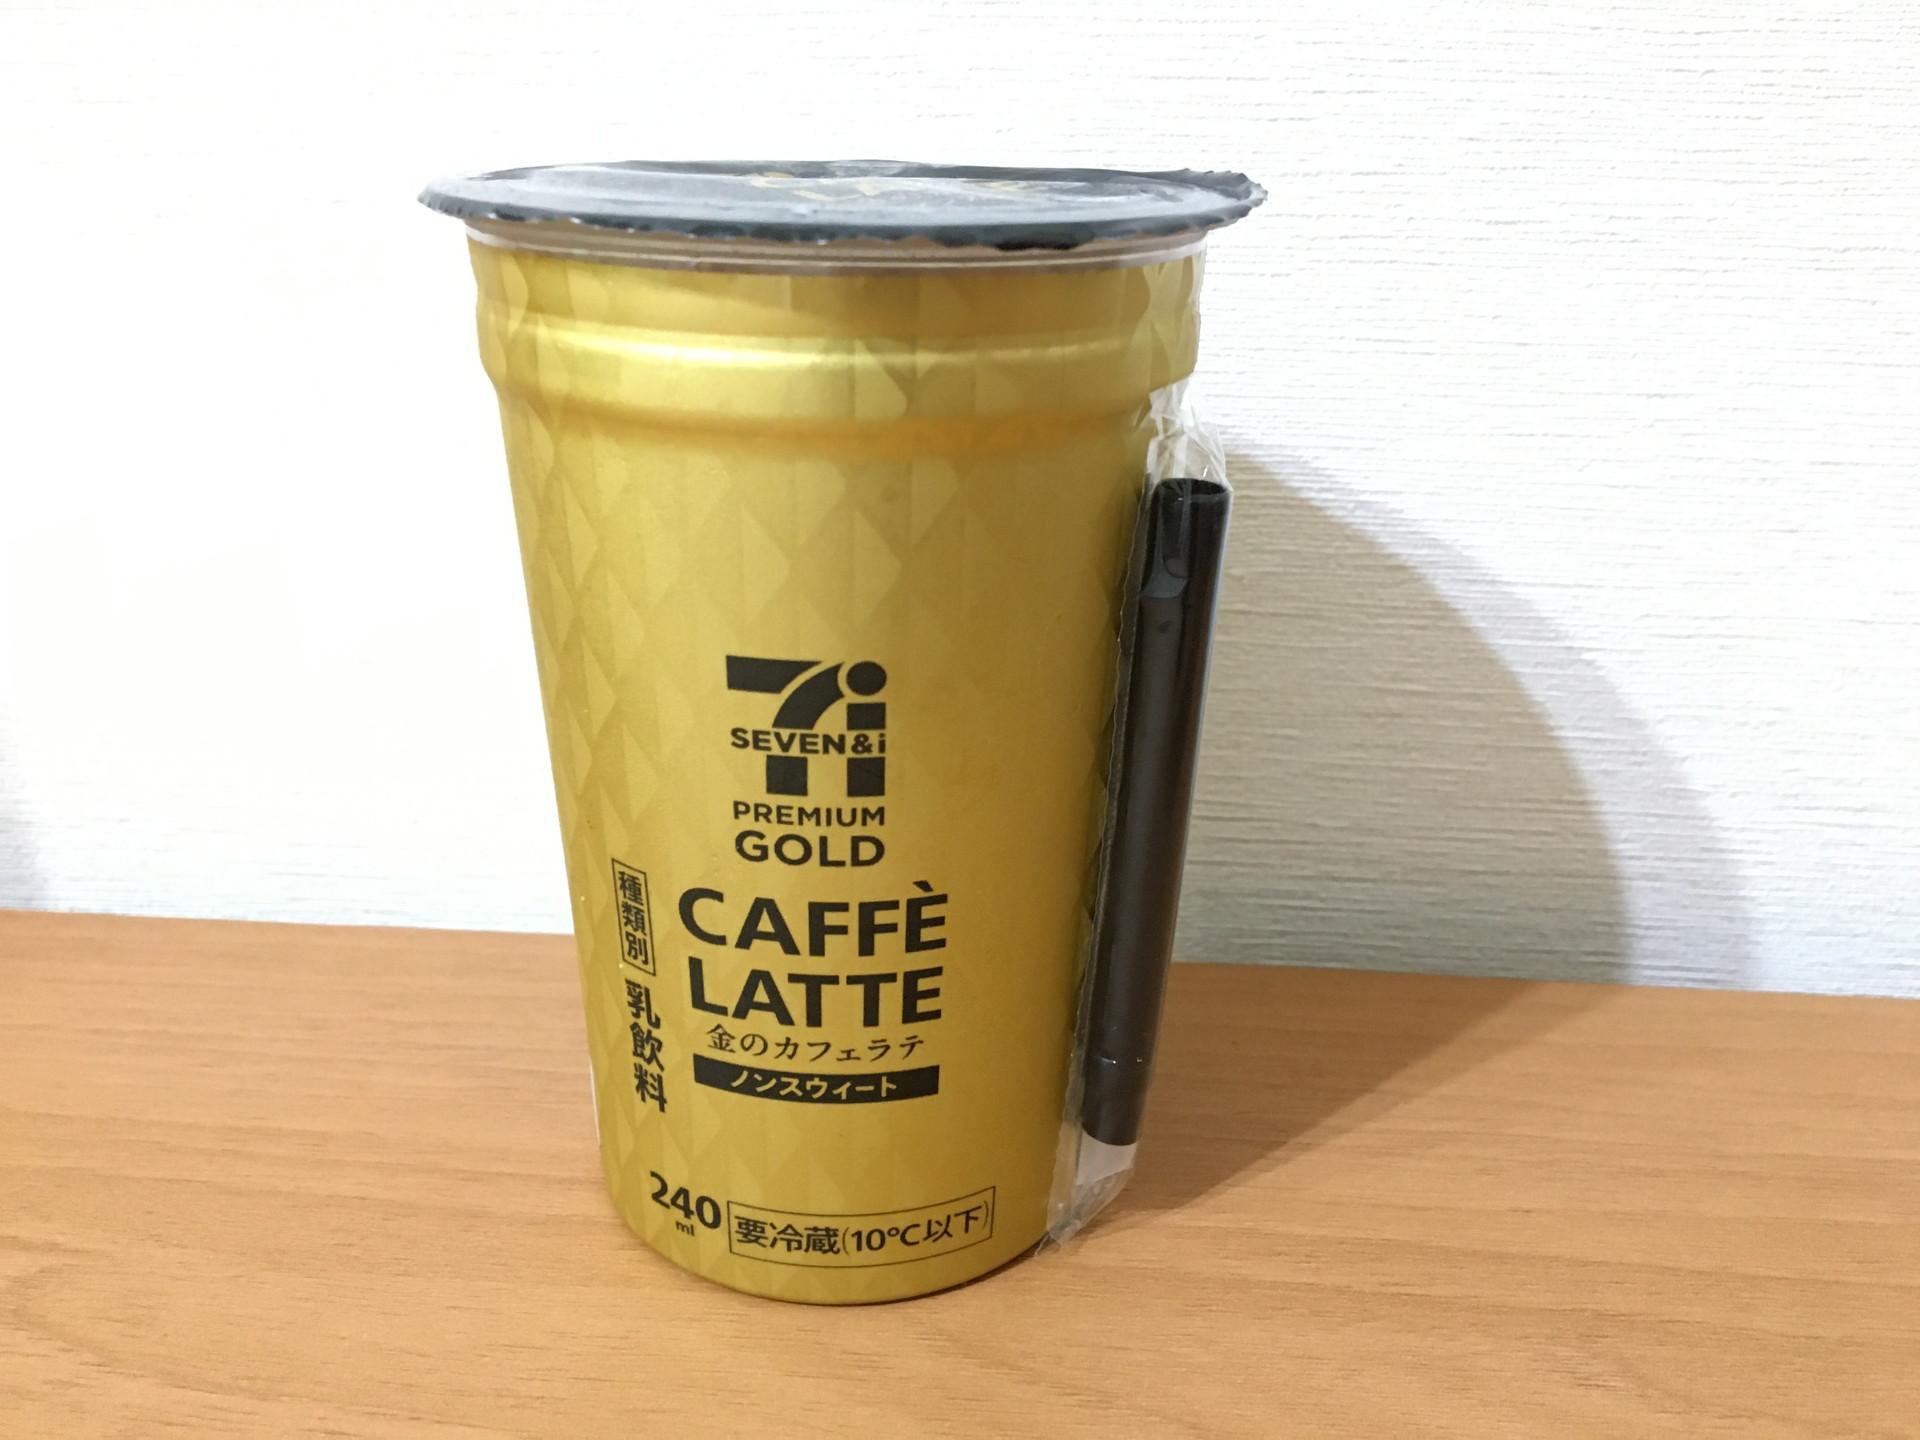 【セブン】エスプレッソ香る本格派「金のカフェラテ ノンスウィート」